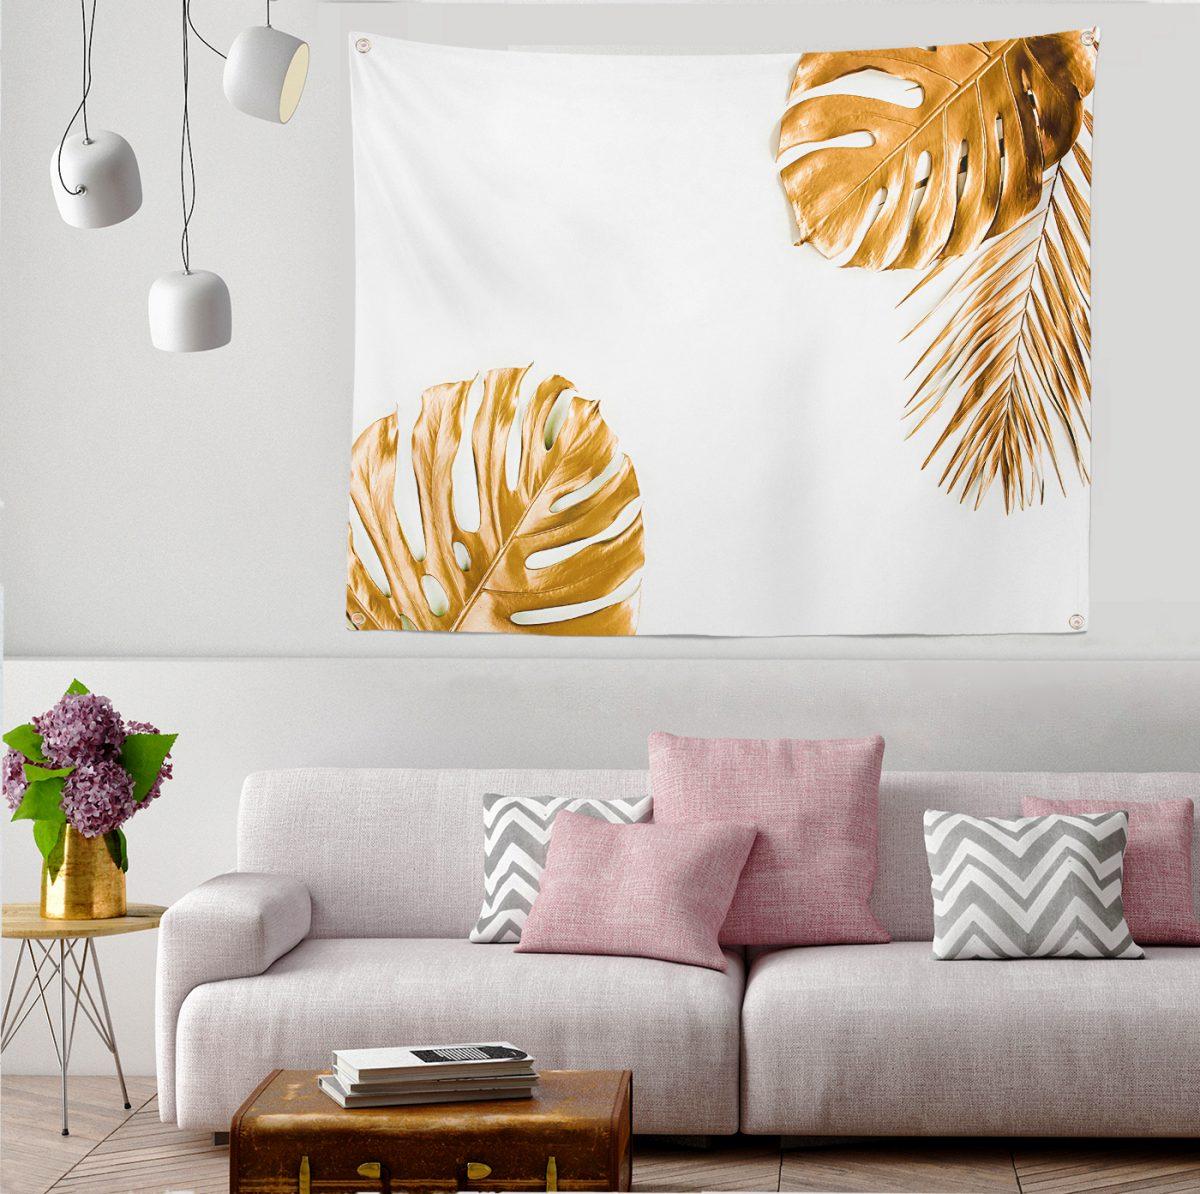 3D Altın Renkli Palmiye Yaprakları Desenli Dijital Baskılı Tapestry Duvar Örtüsü Realhomes